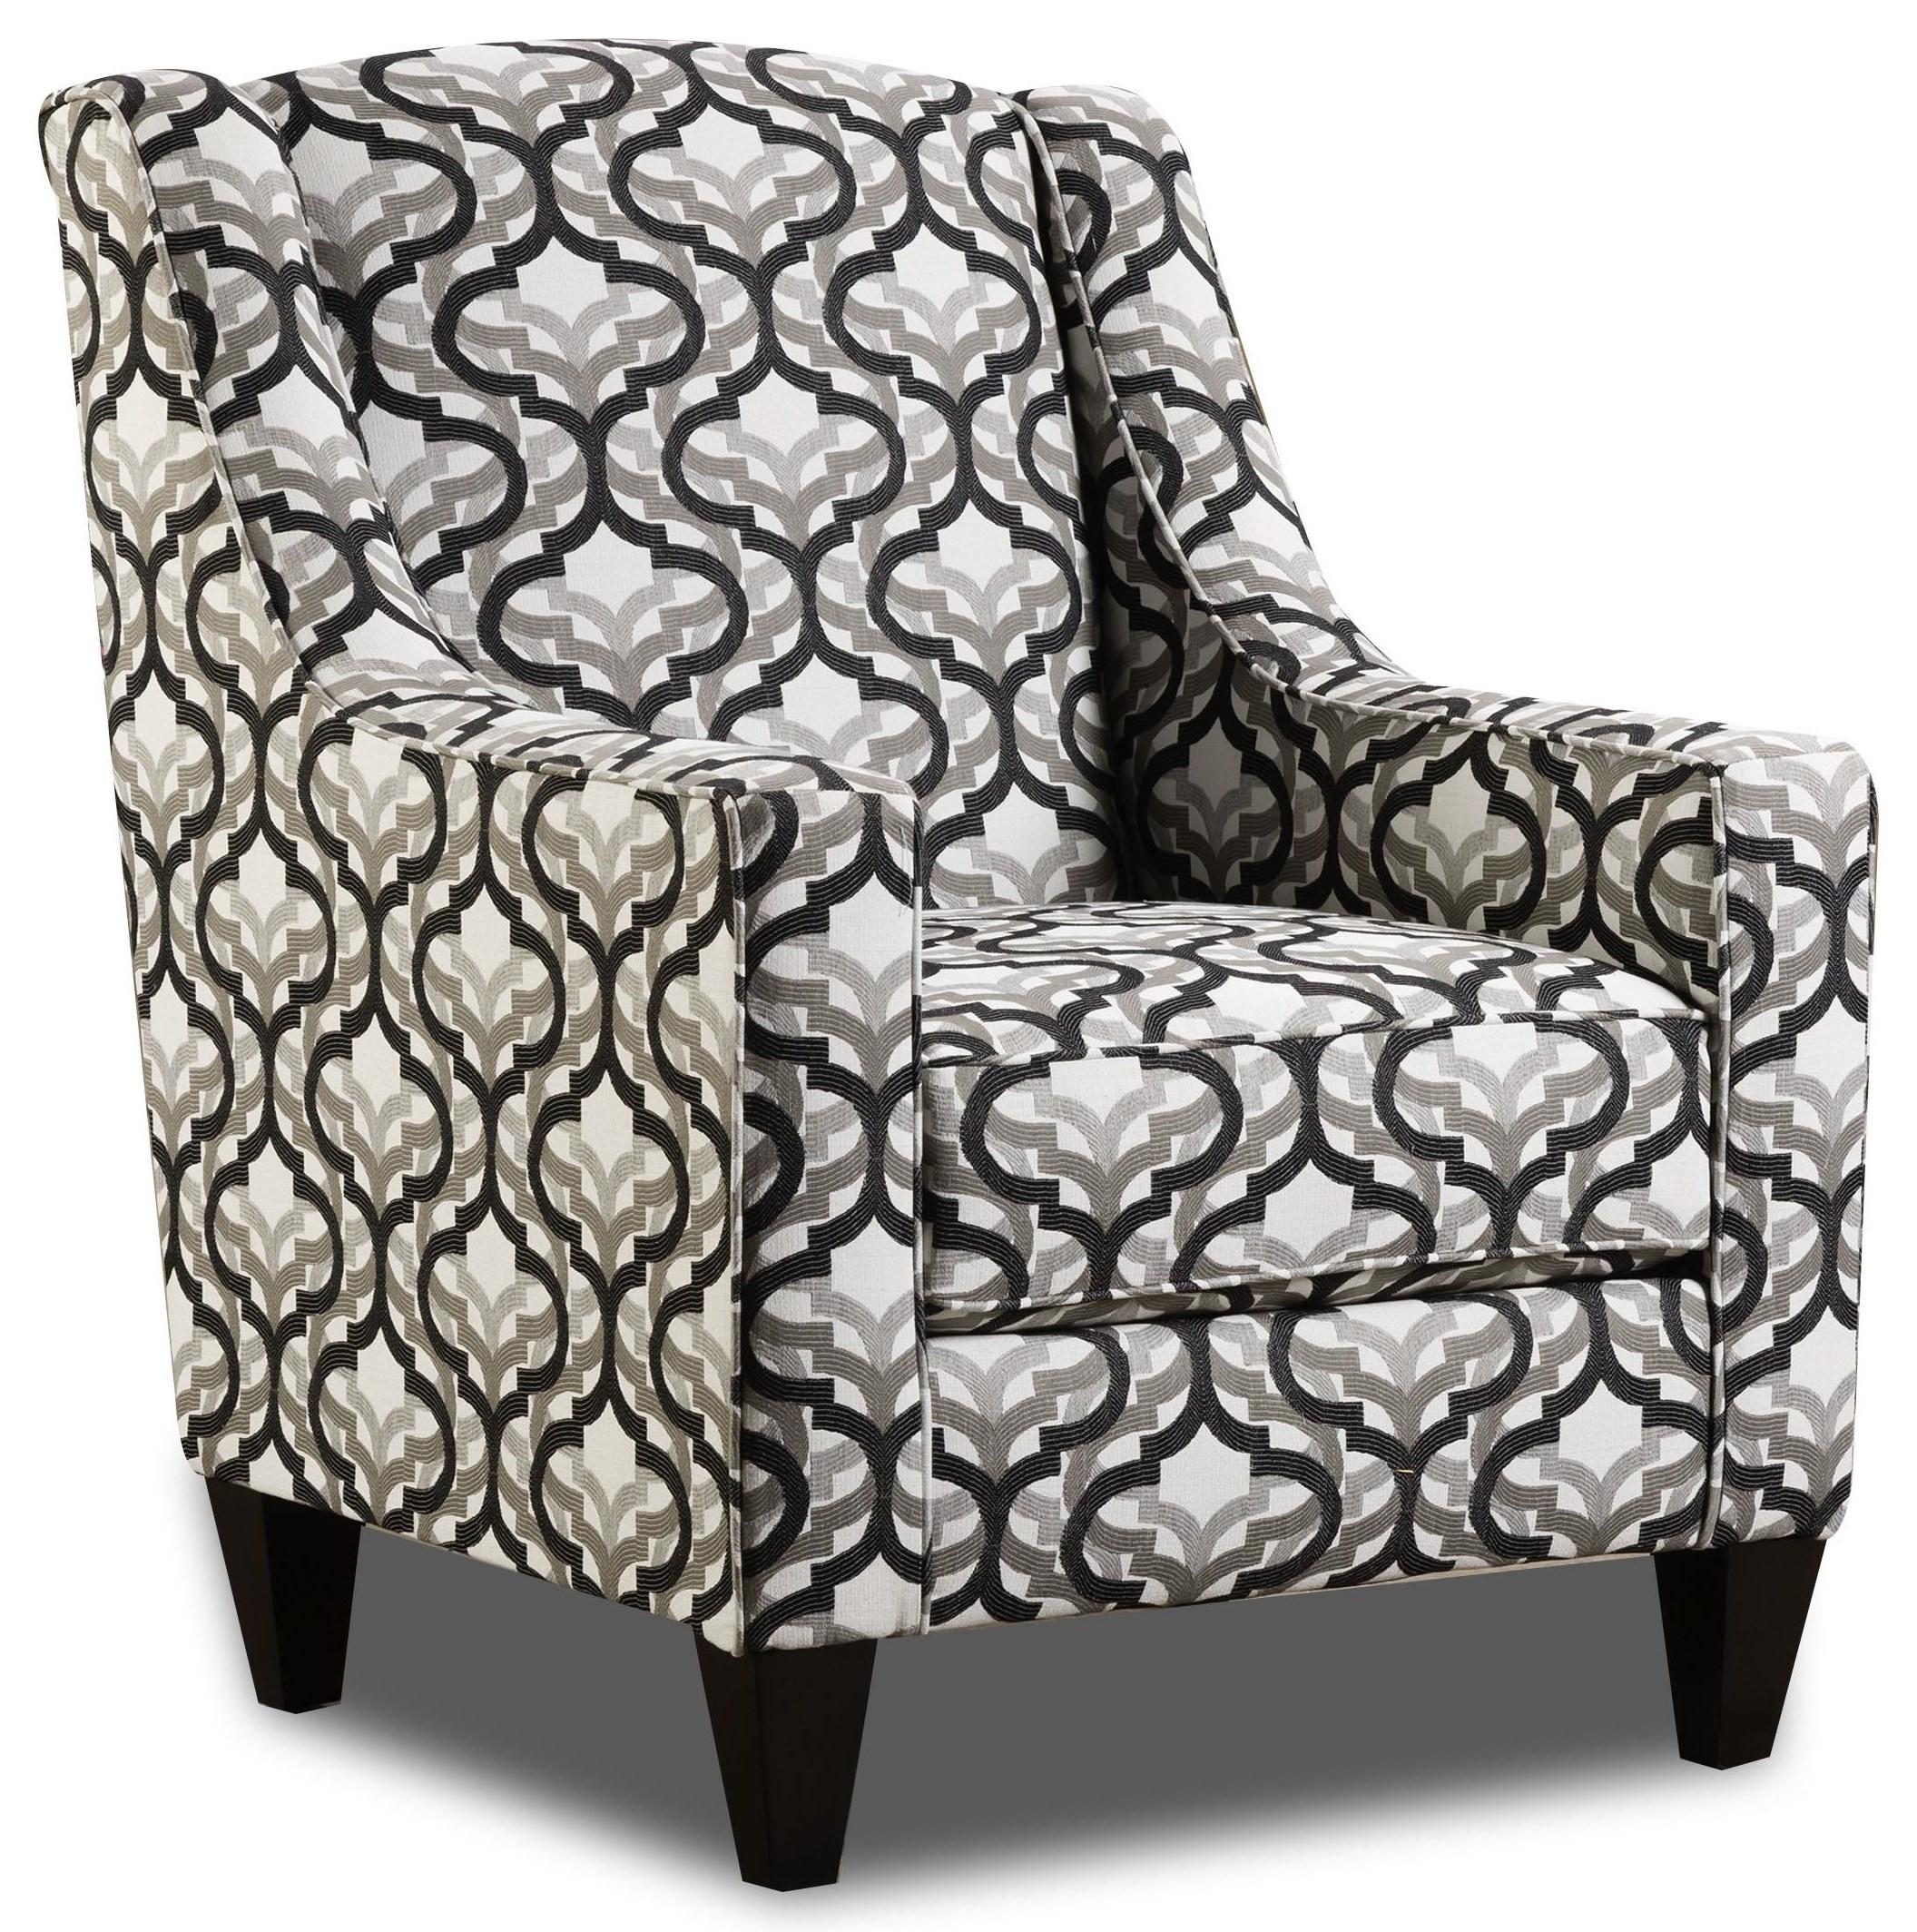 Belford Belford Chair by Peak Living at Morris Home